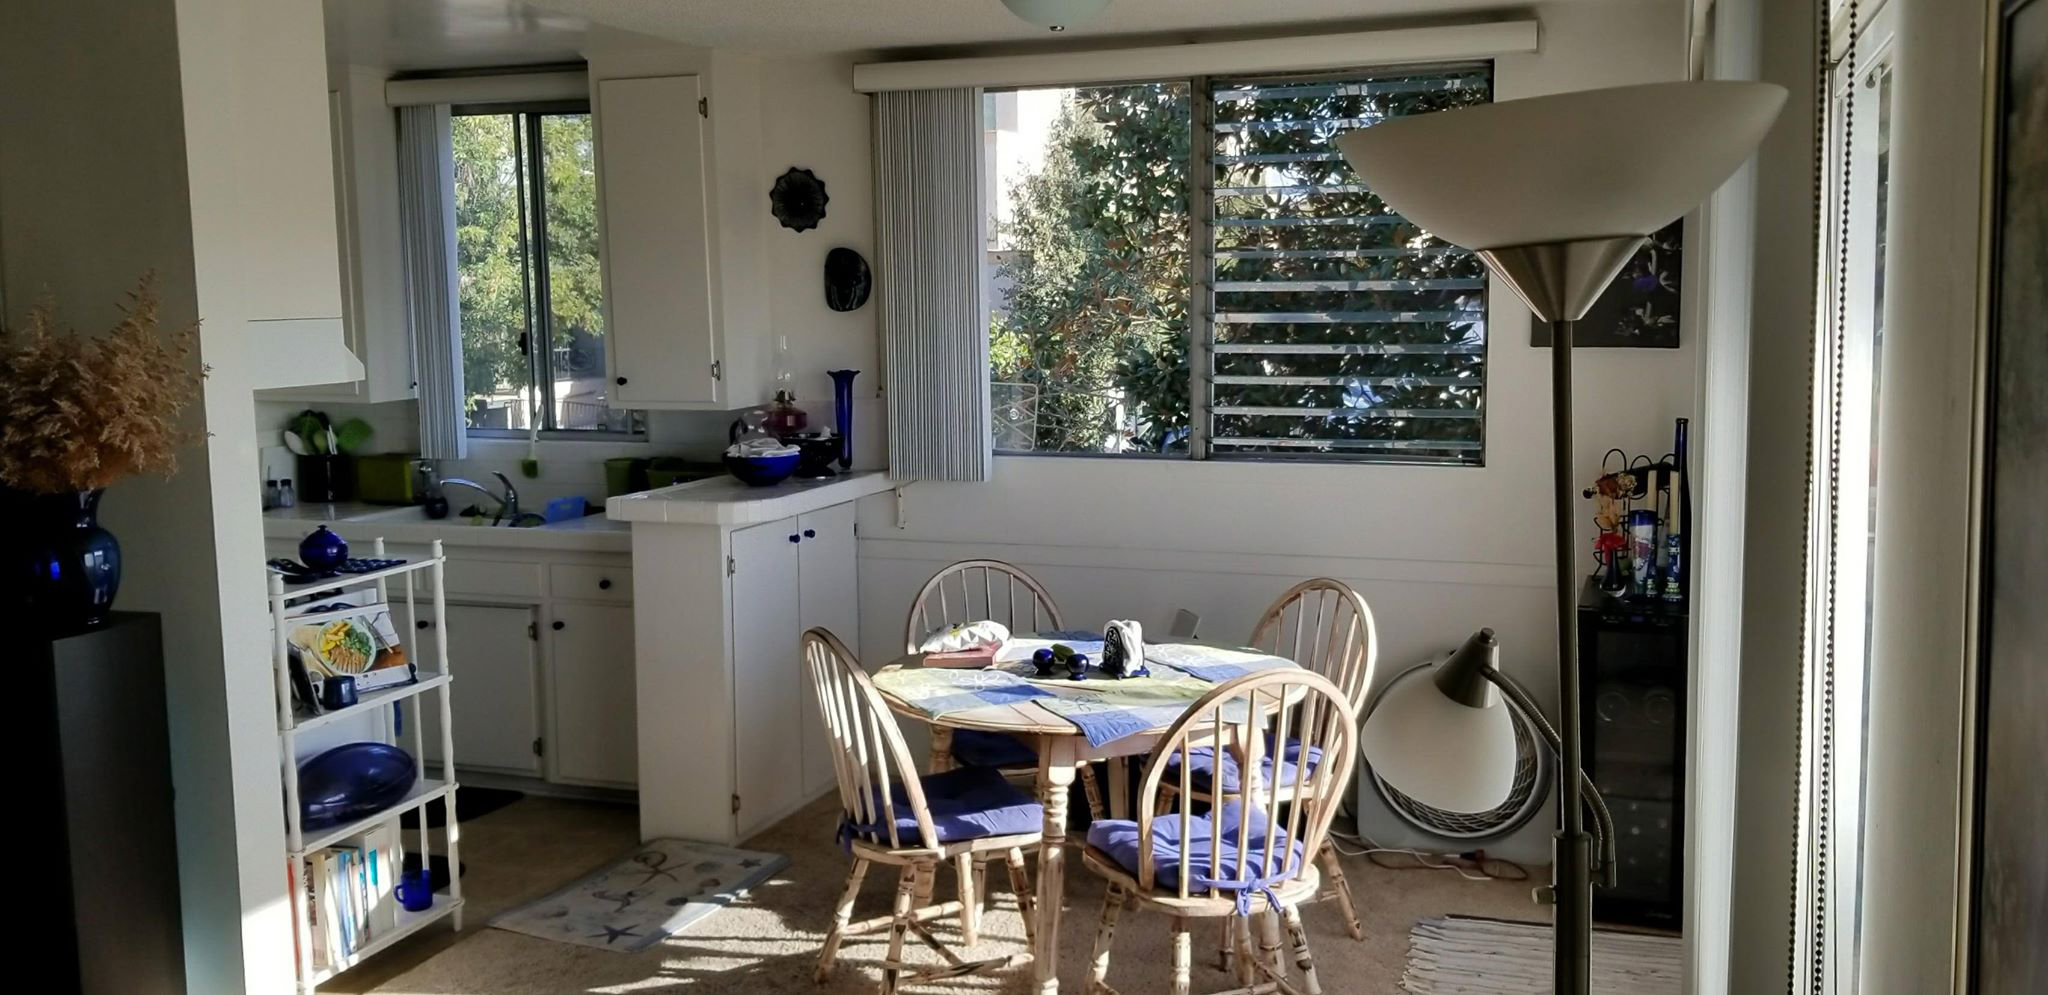 171114-downsizer-eat-in-kitchen